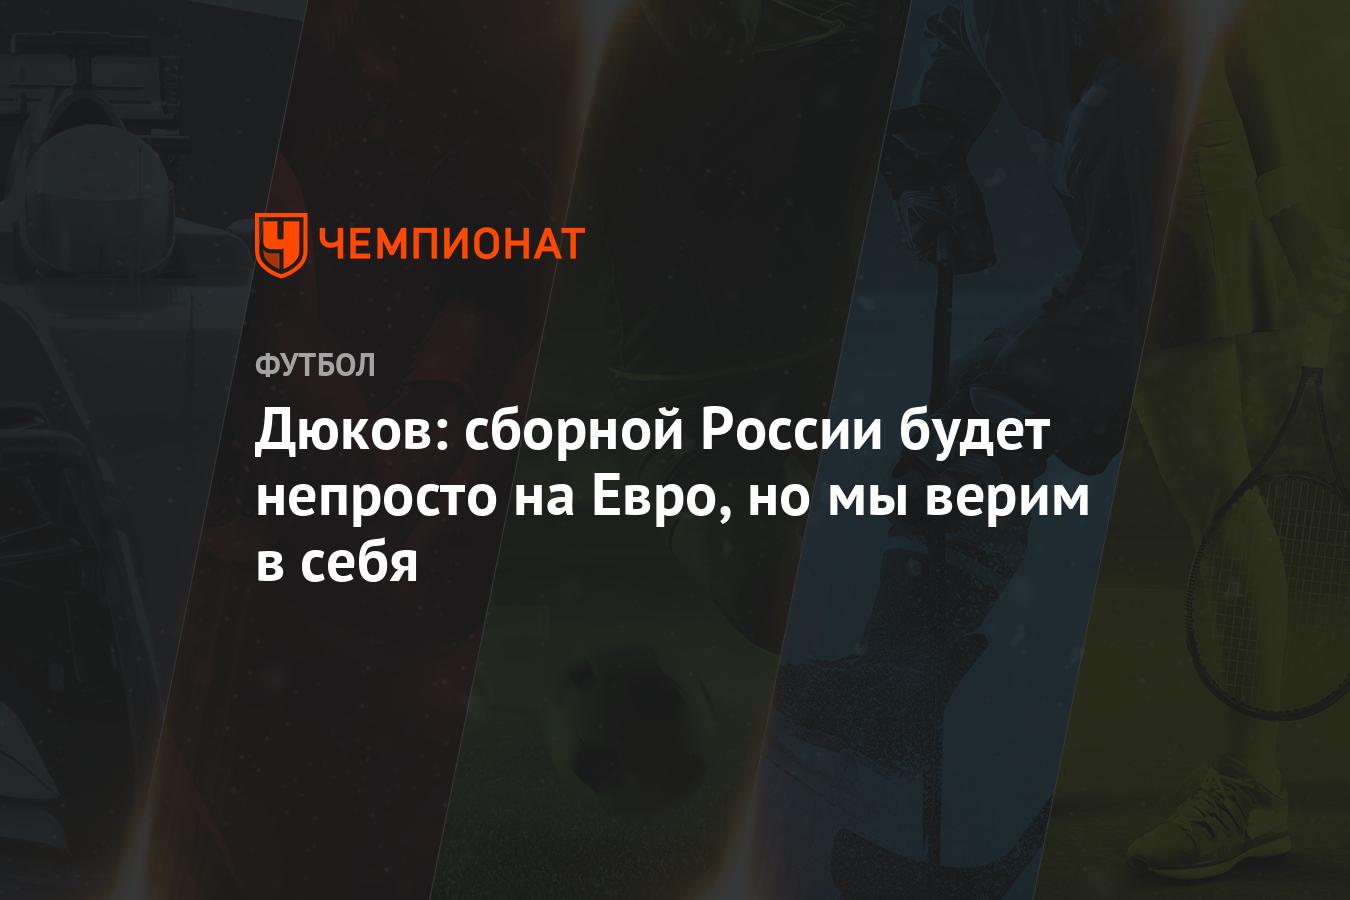 Дюков: сборной России будет непросто на Евро, но мы верим в себя